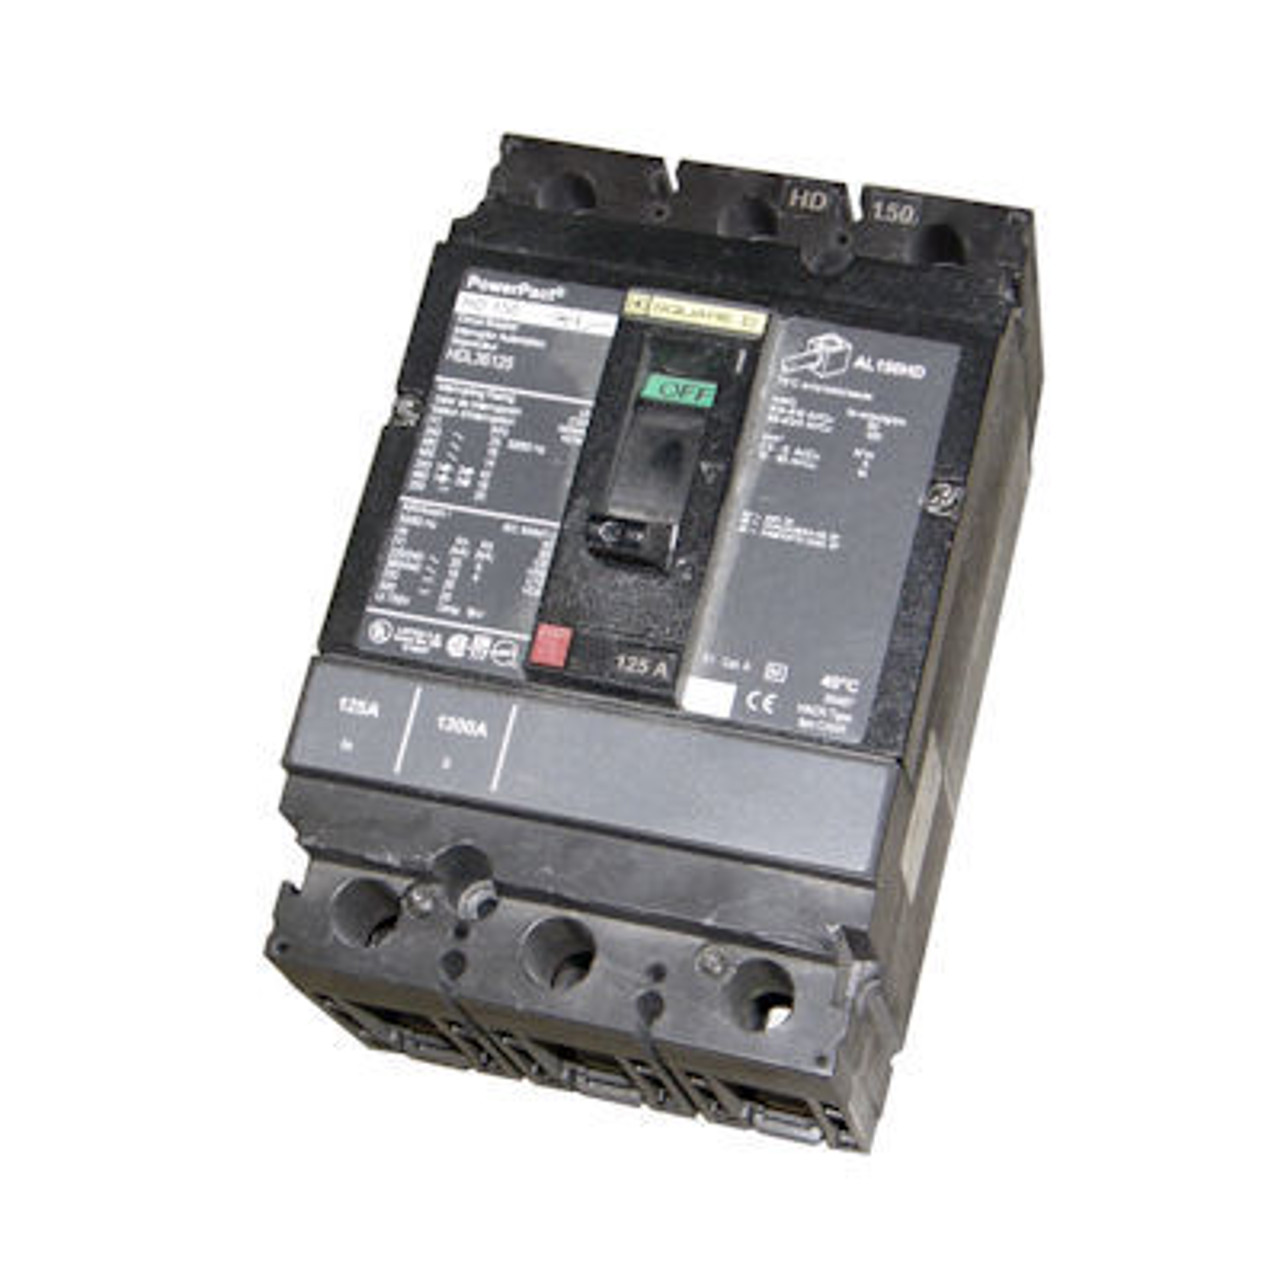 Square D HJL36070 3 Pole 70 Amp 600VAC 65K MC Circuit Breaker  - Used